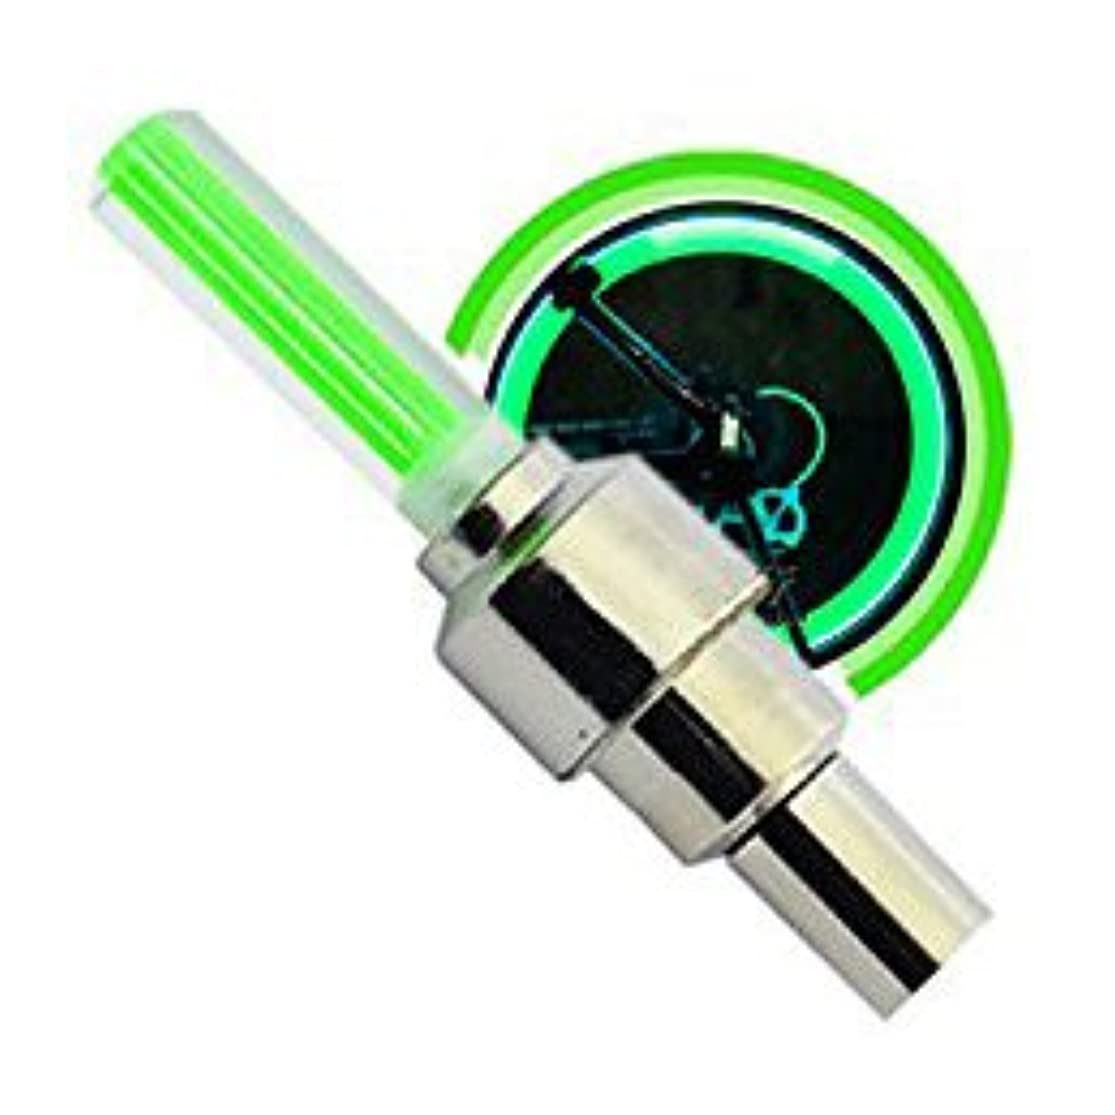 【まとめ 3セット】 ITPROTECH LED バルブエアーキャップ/グリーン YT-LEDCAP/GR